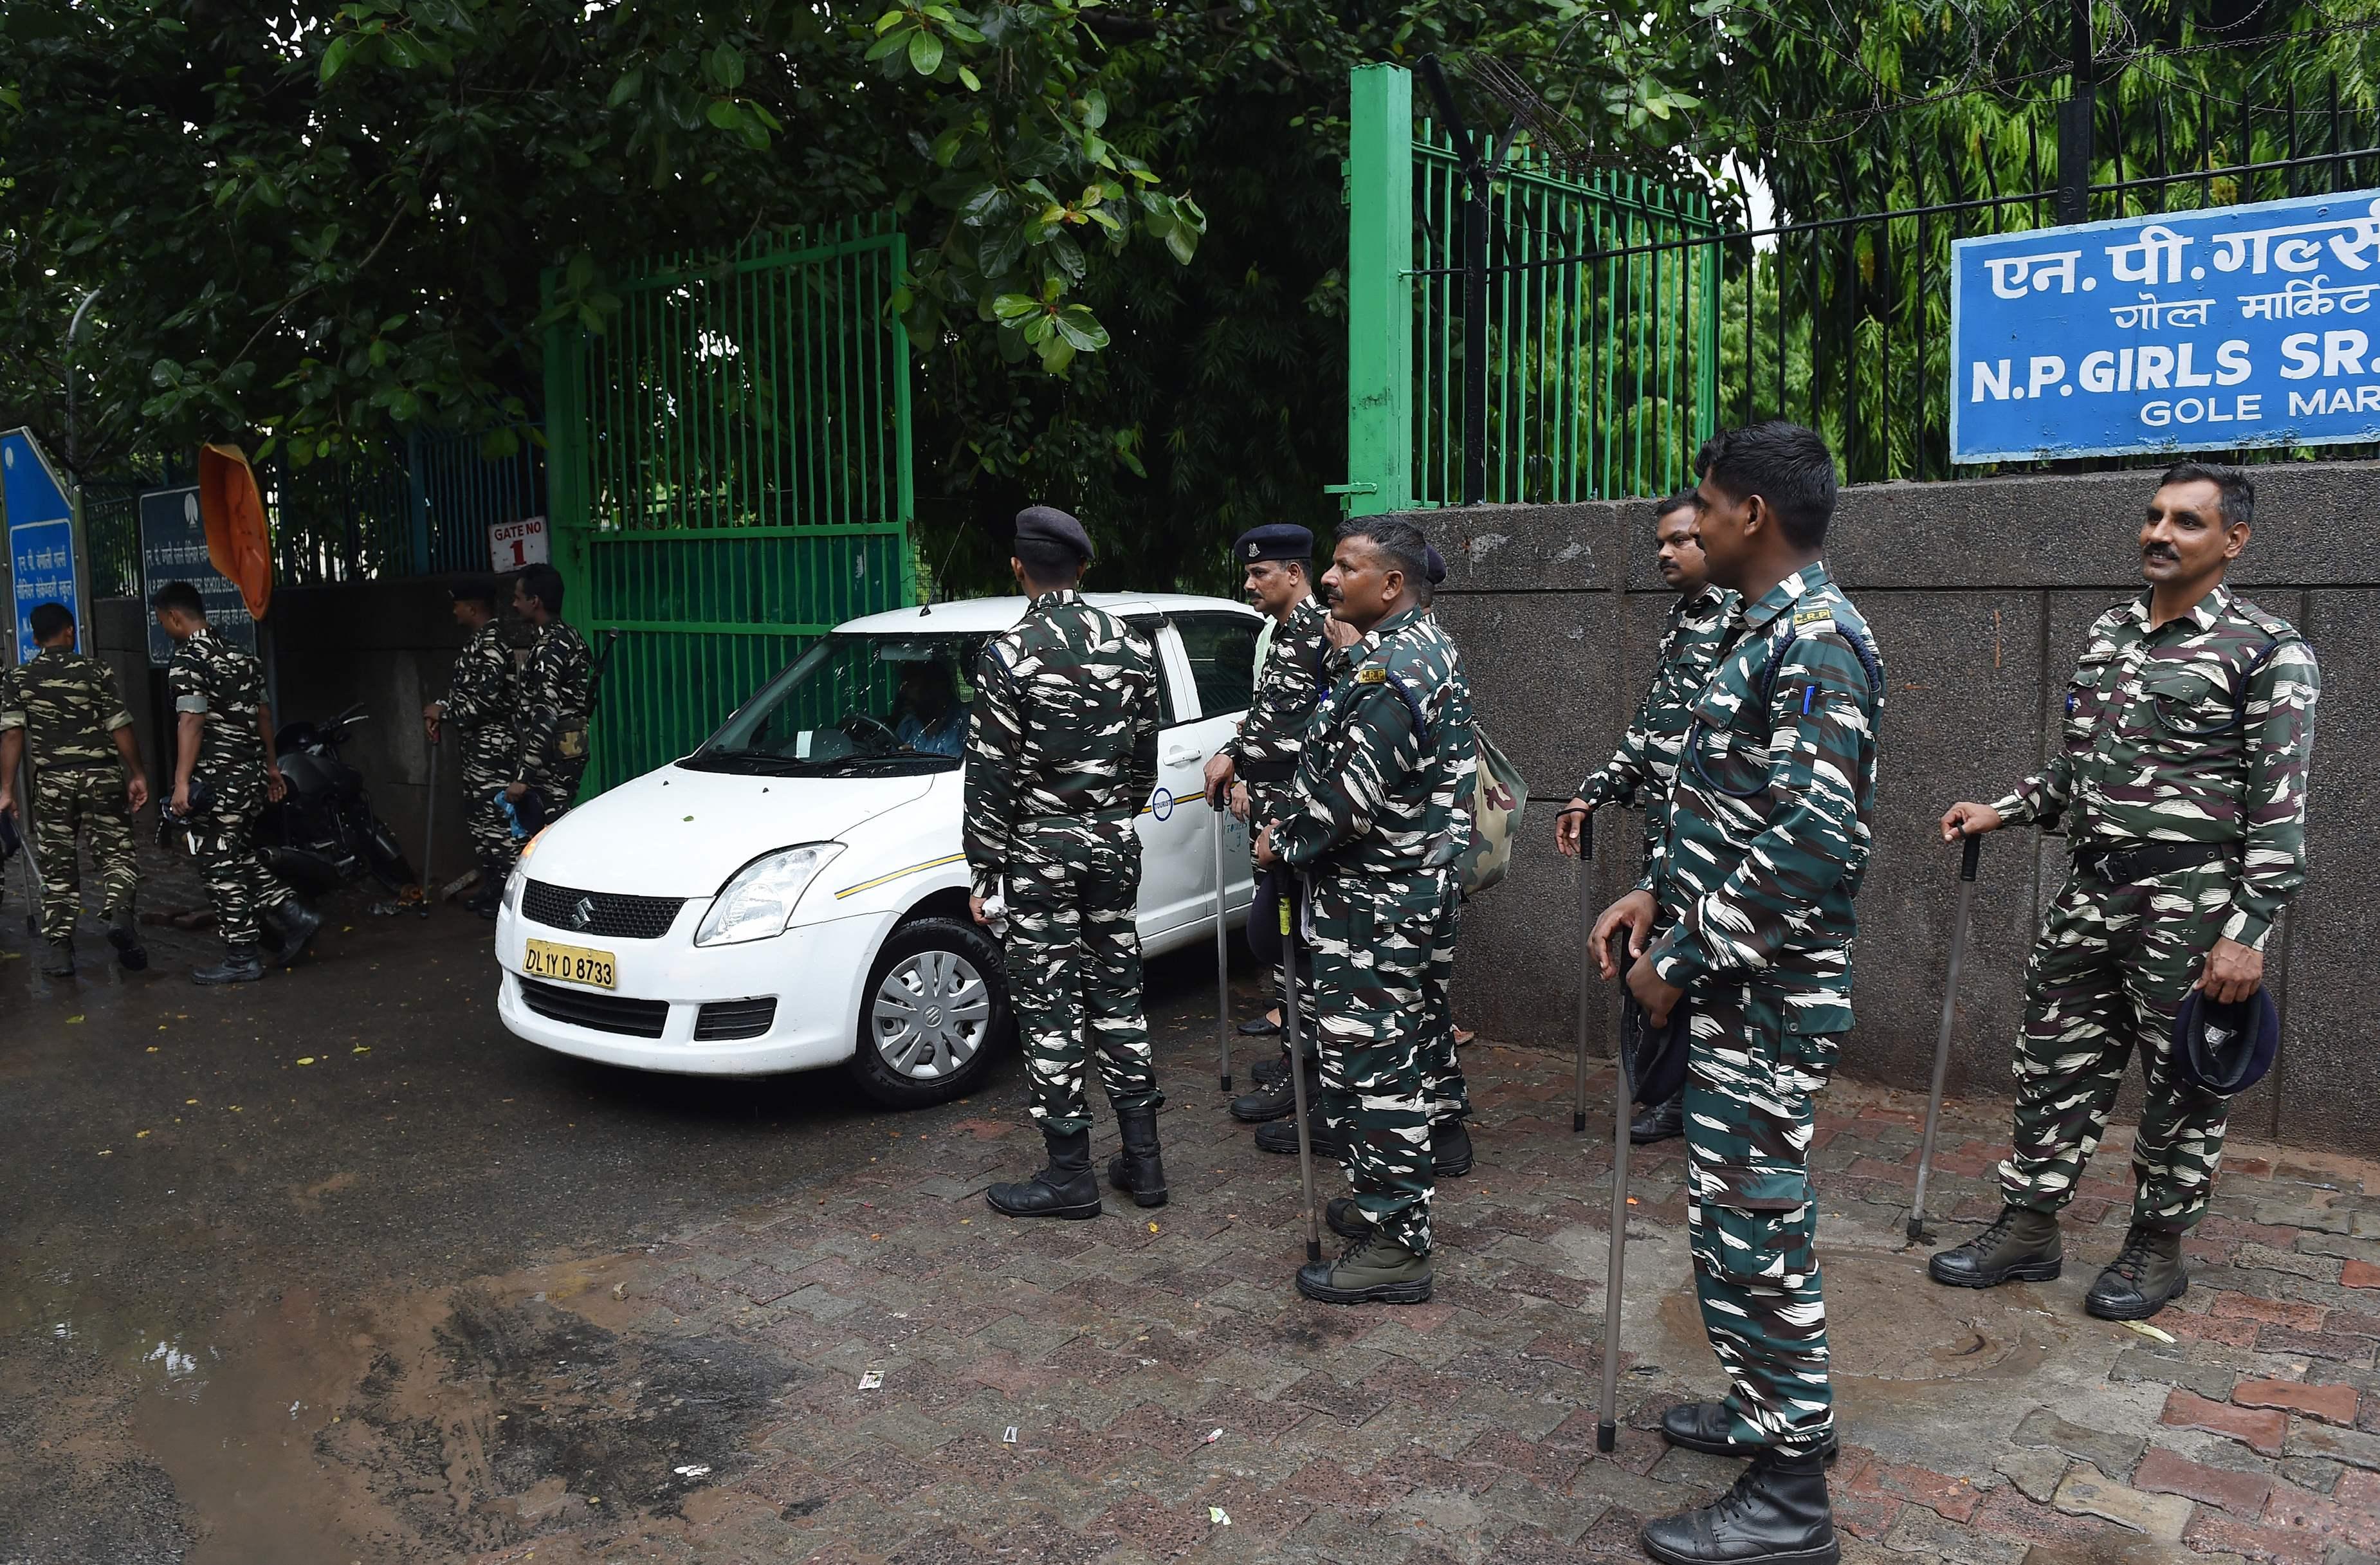 الشرطة الهندية خارج المدرسة